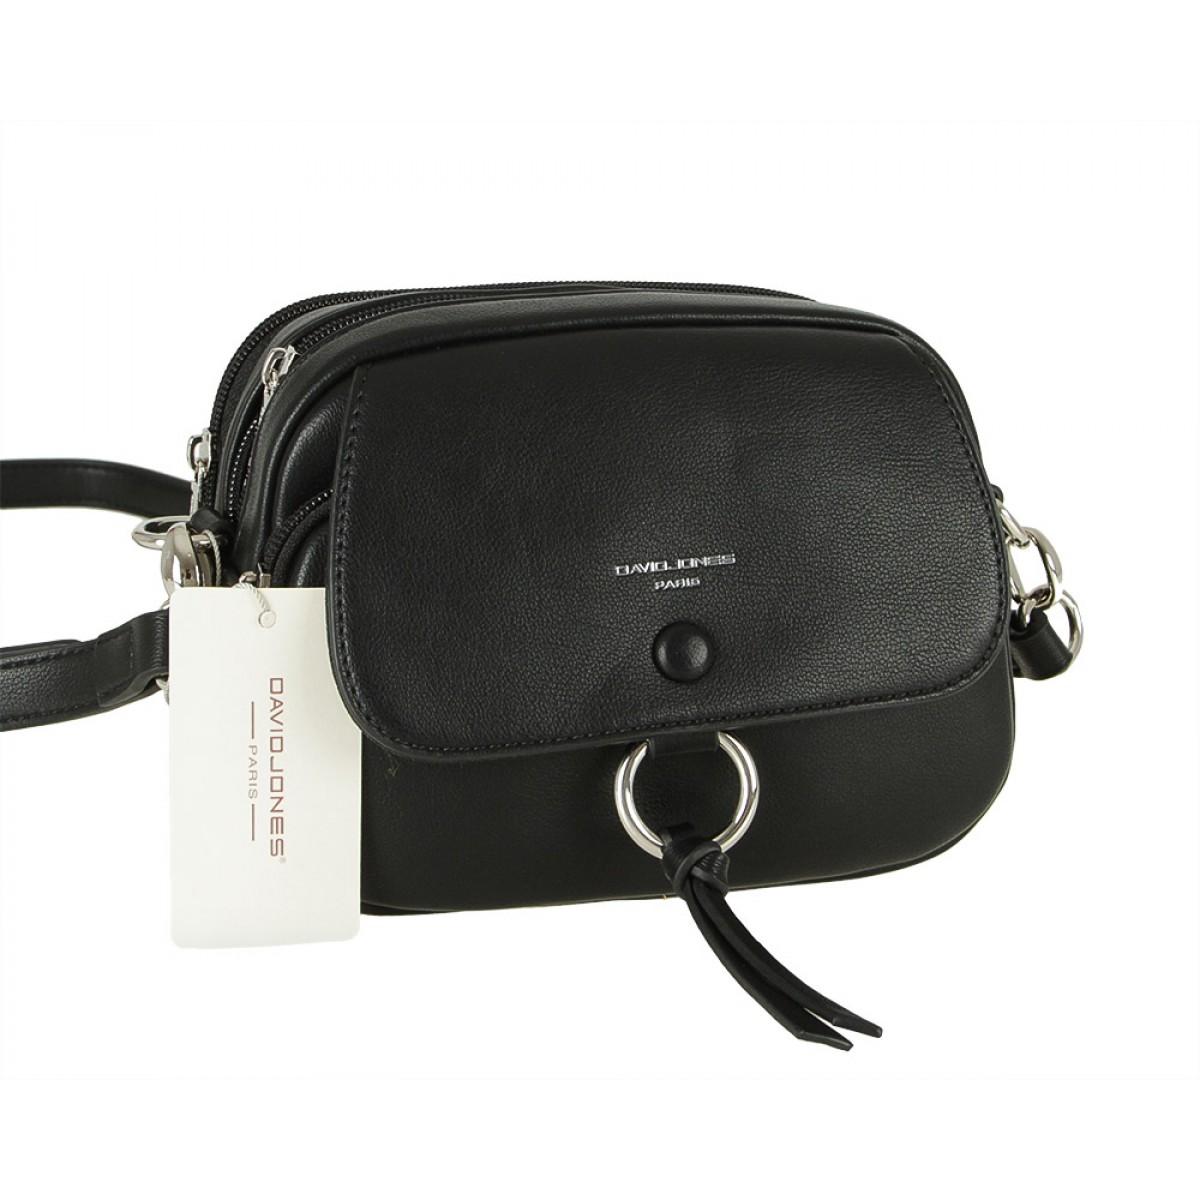 Жіноча сумка David Jones 6277-1 BLACK